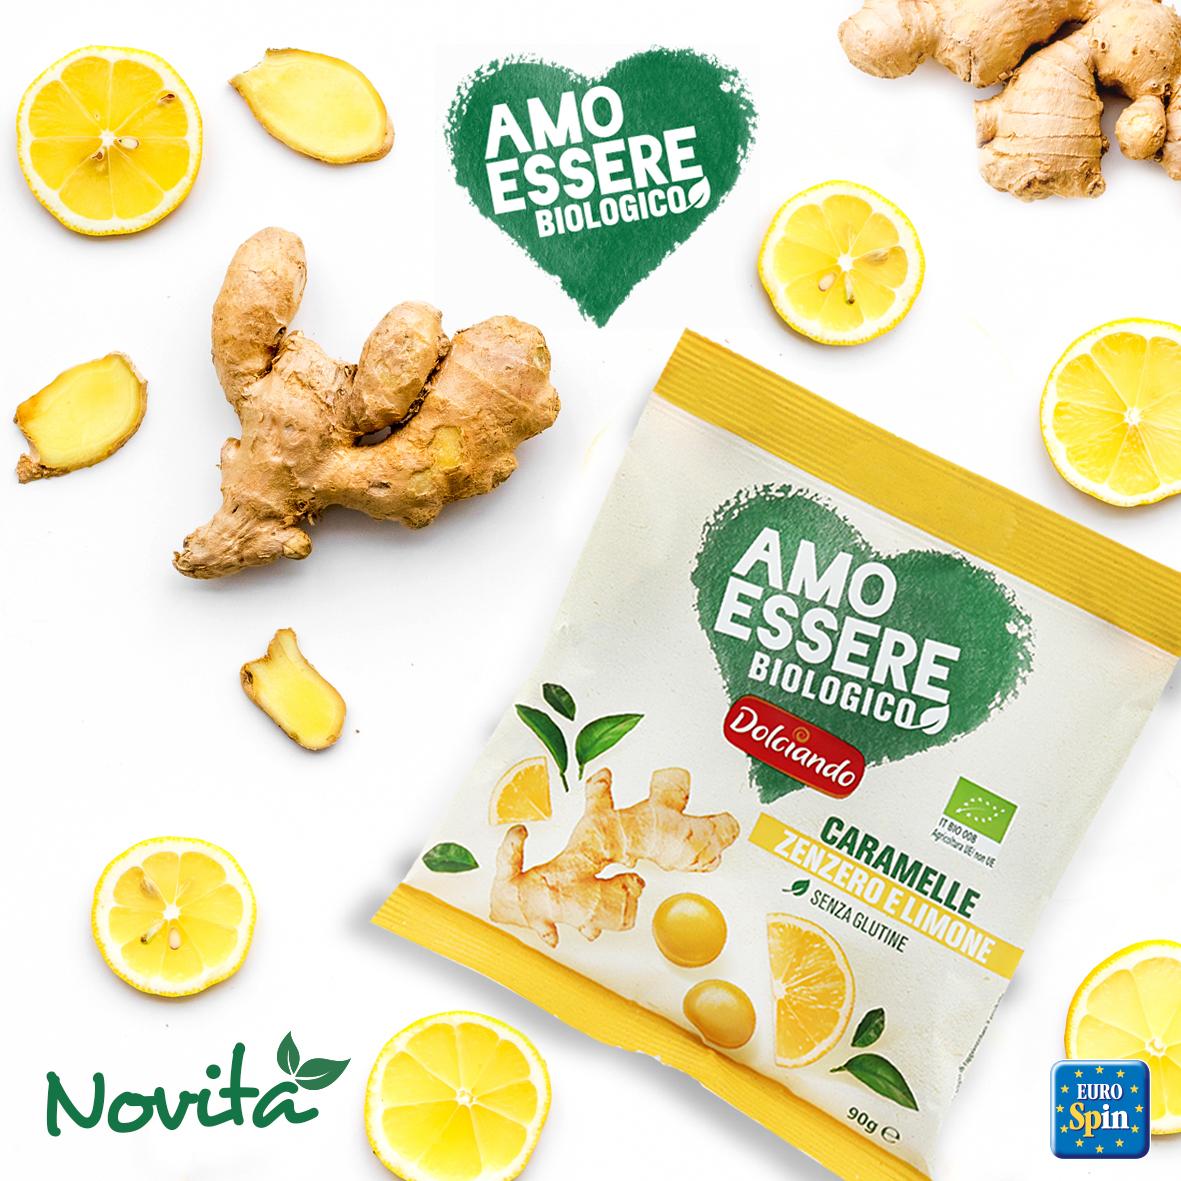 Caramelle zenzero e limone bio